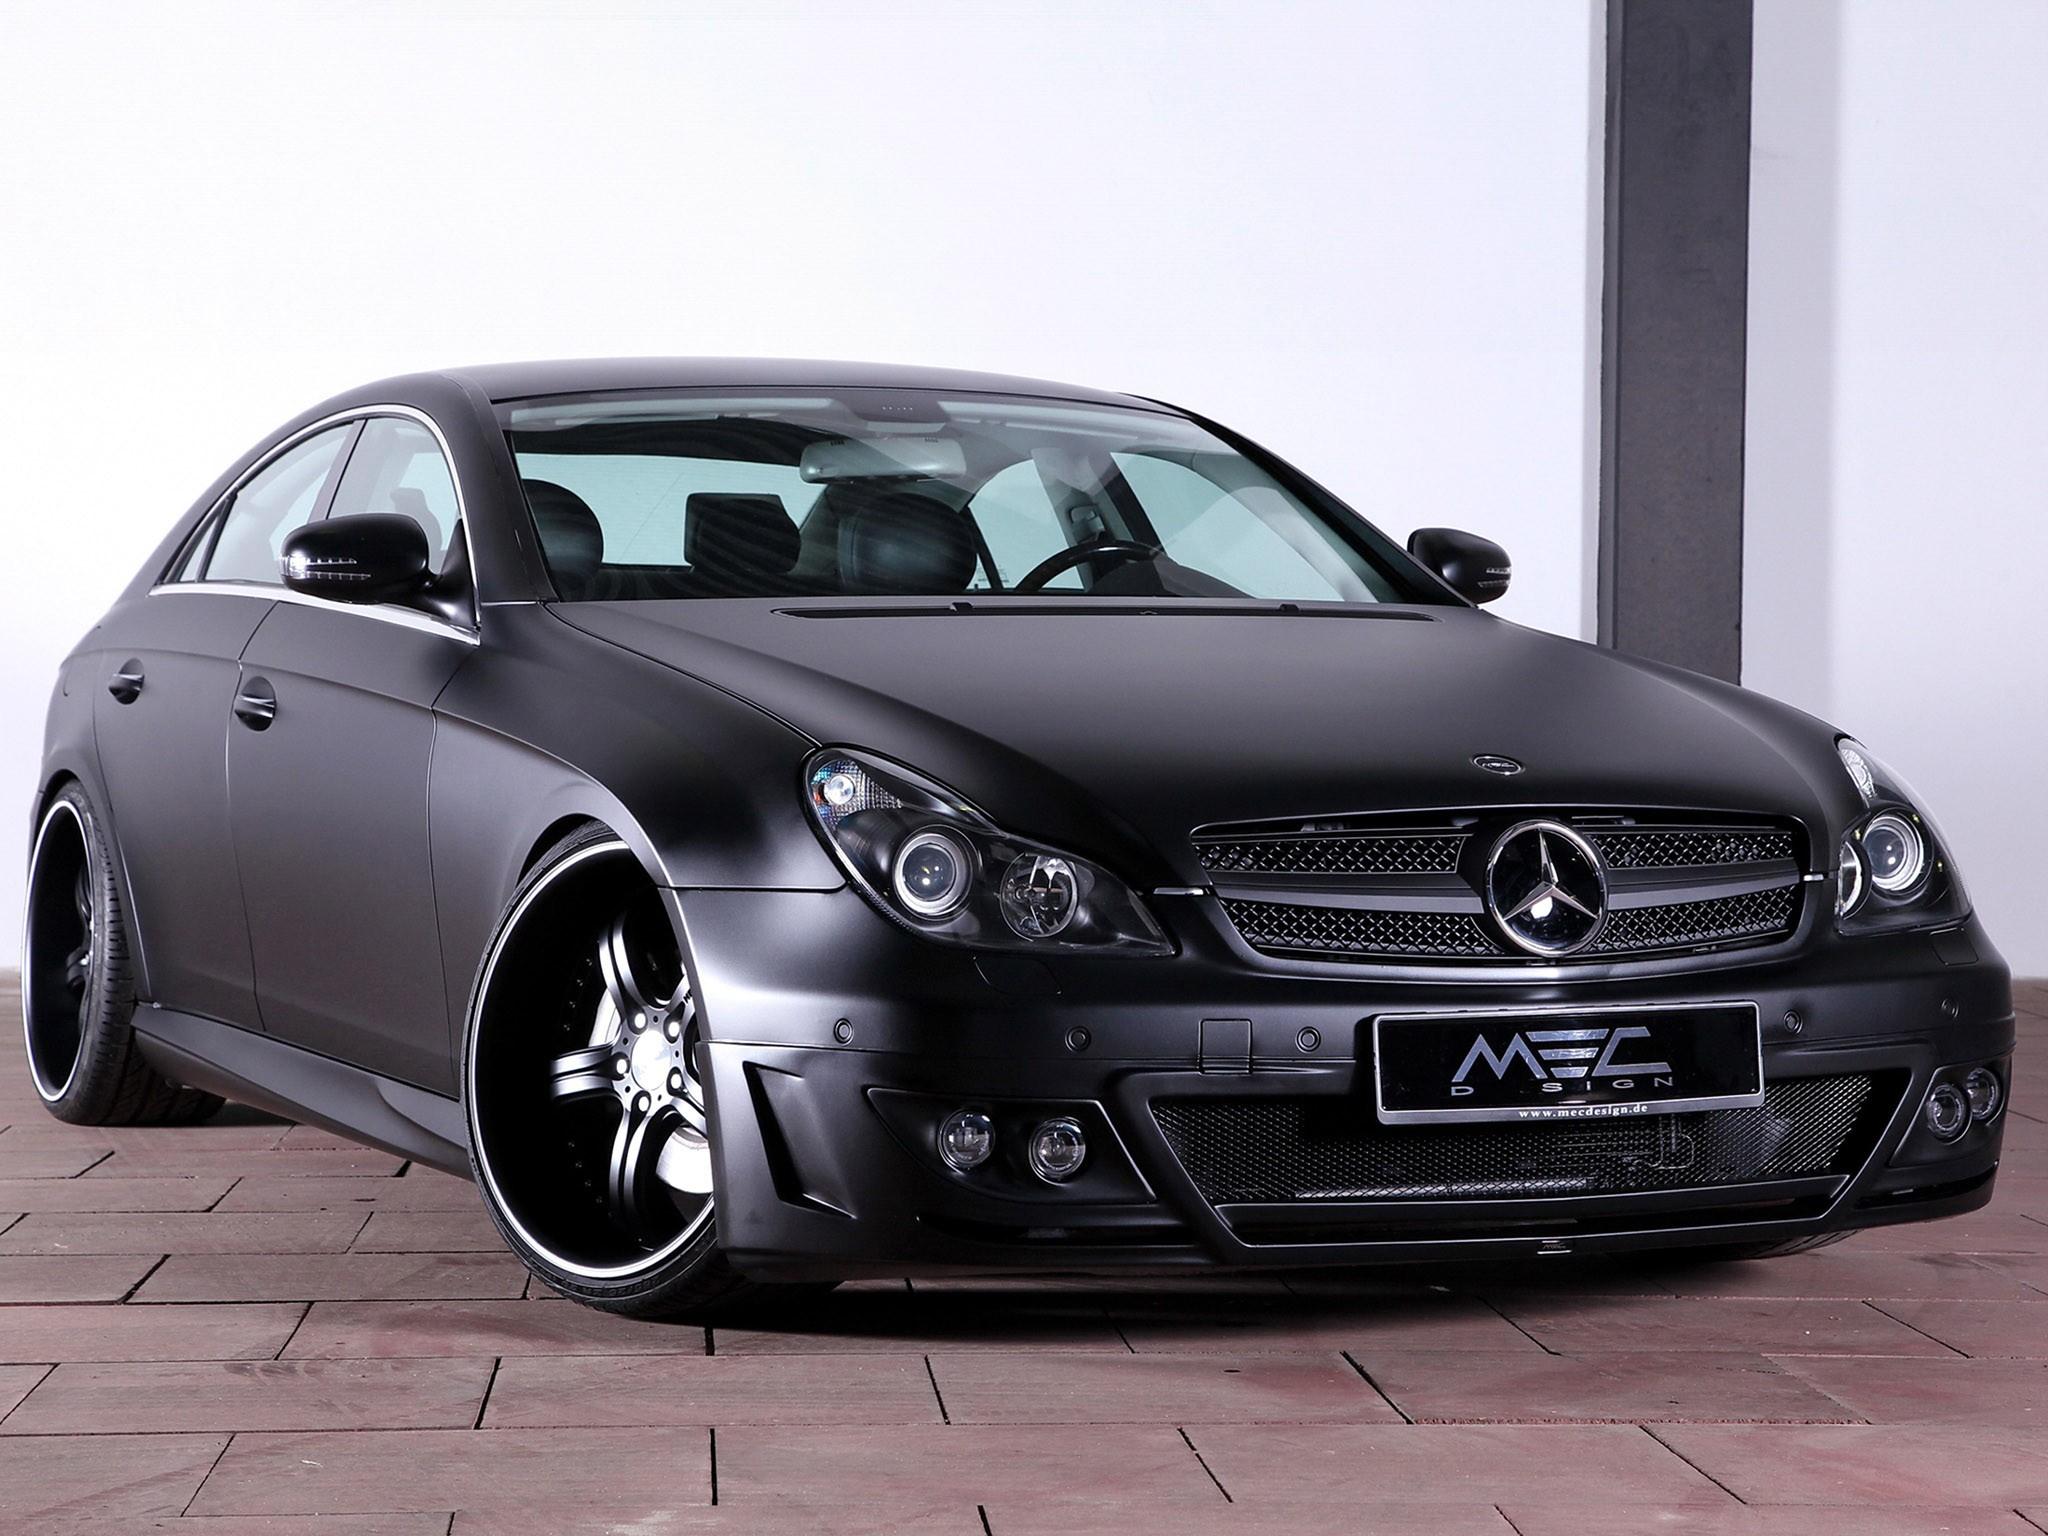 2011 Mec Design - Mercedes CLS W219